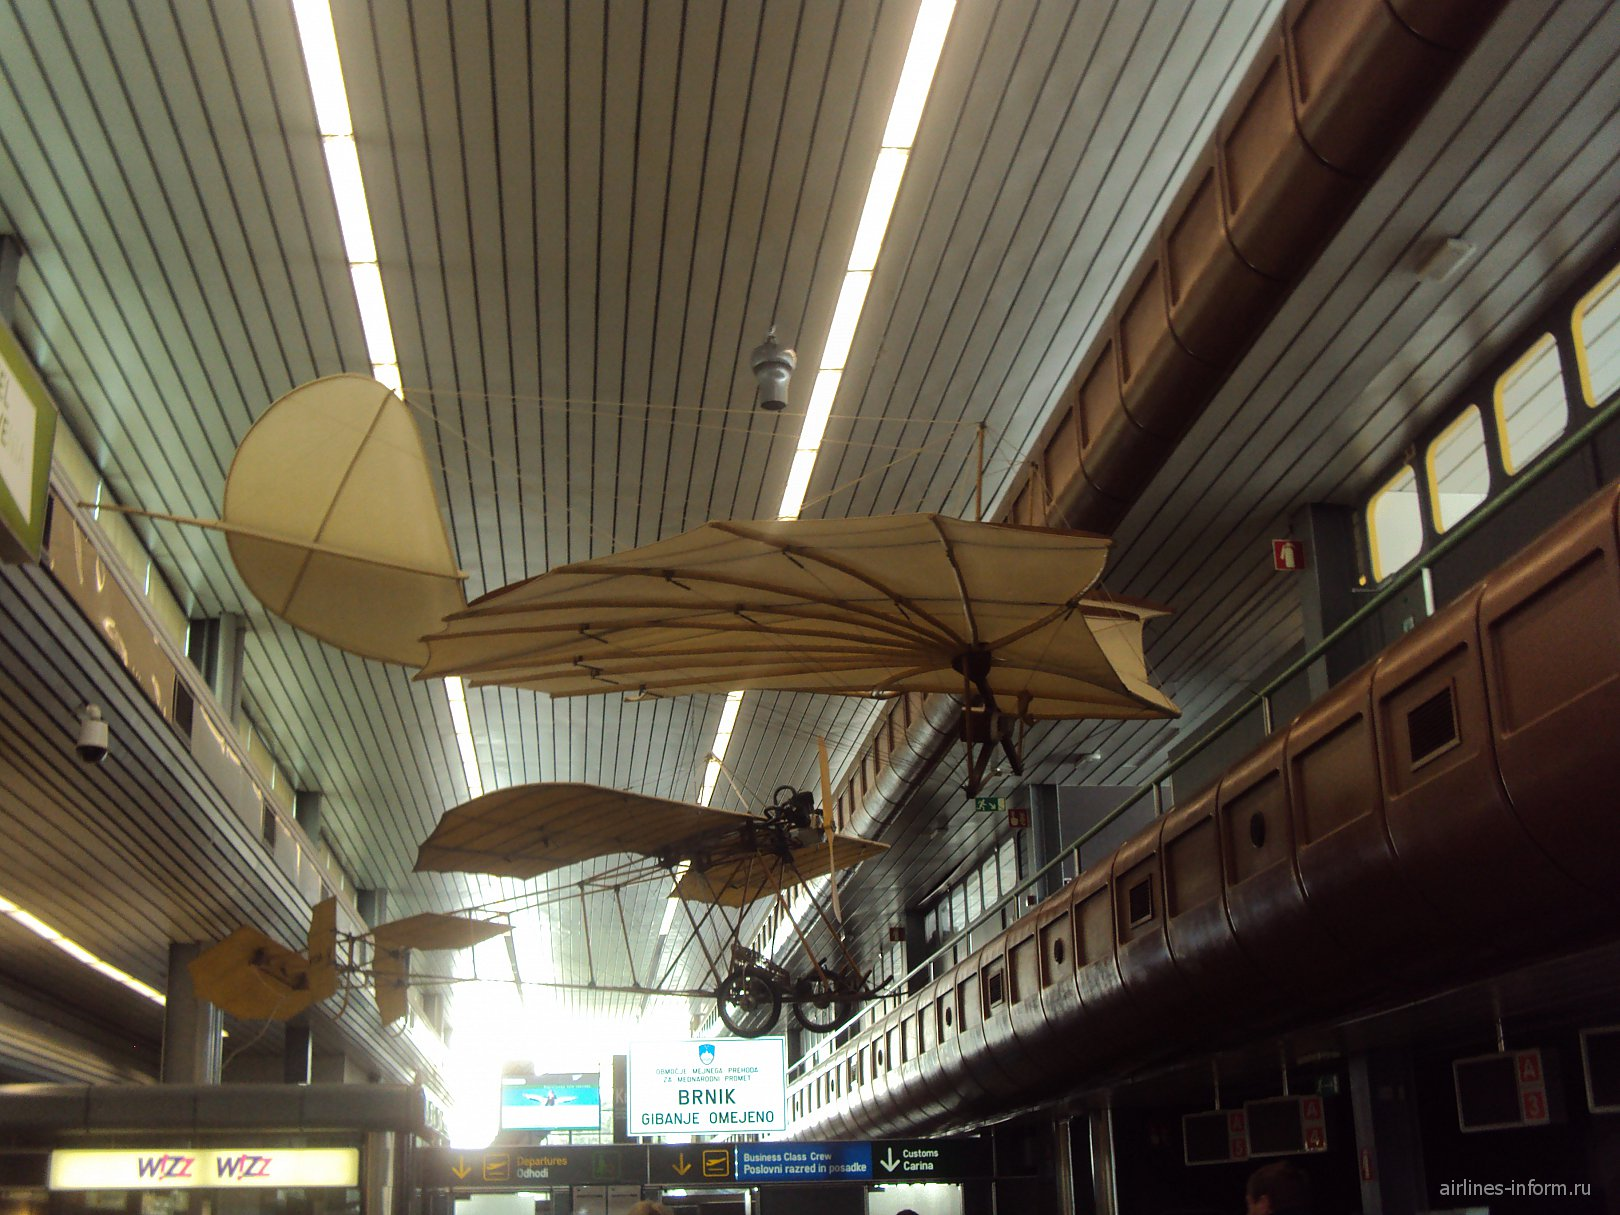 Модели самолетов в аэропорту Любляна